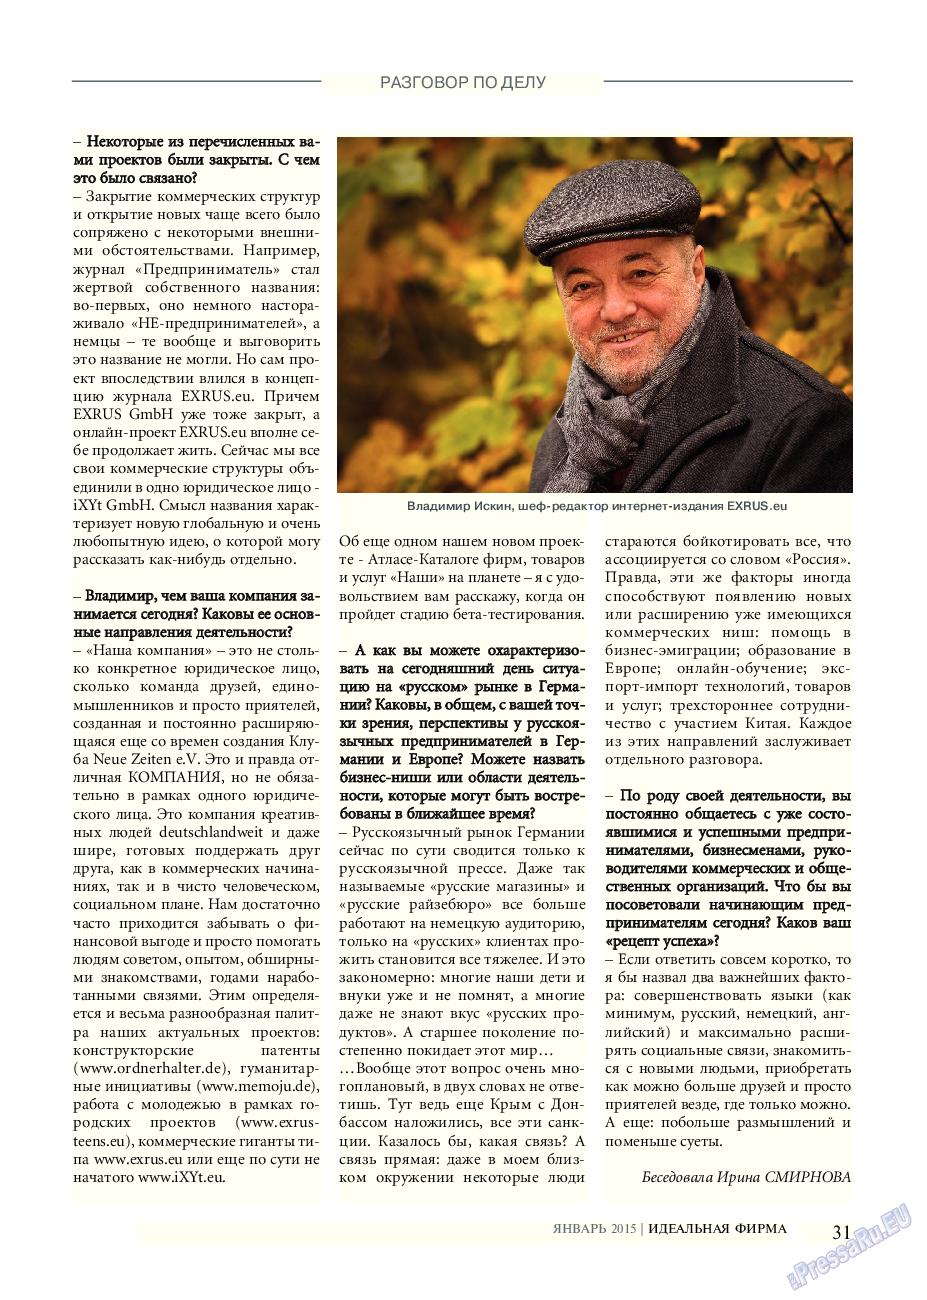 Идеальная фирма (журнал). 2015 год, номер 1, стр. 31